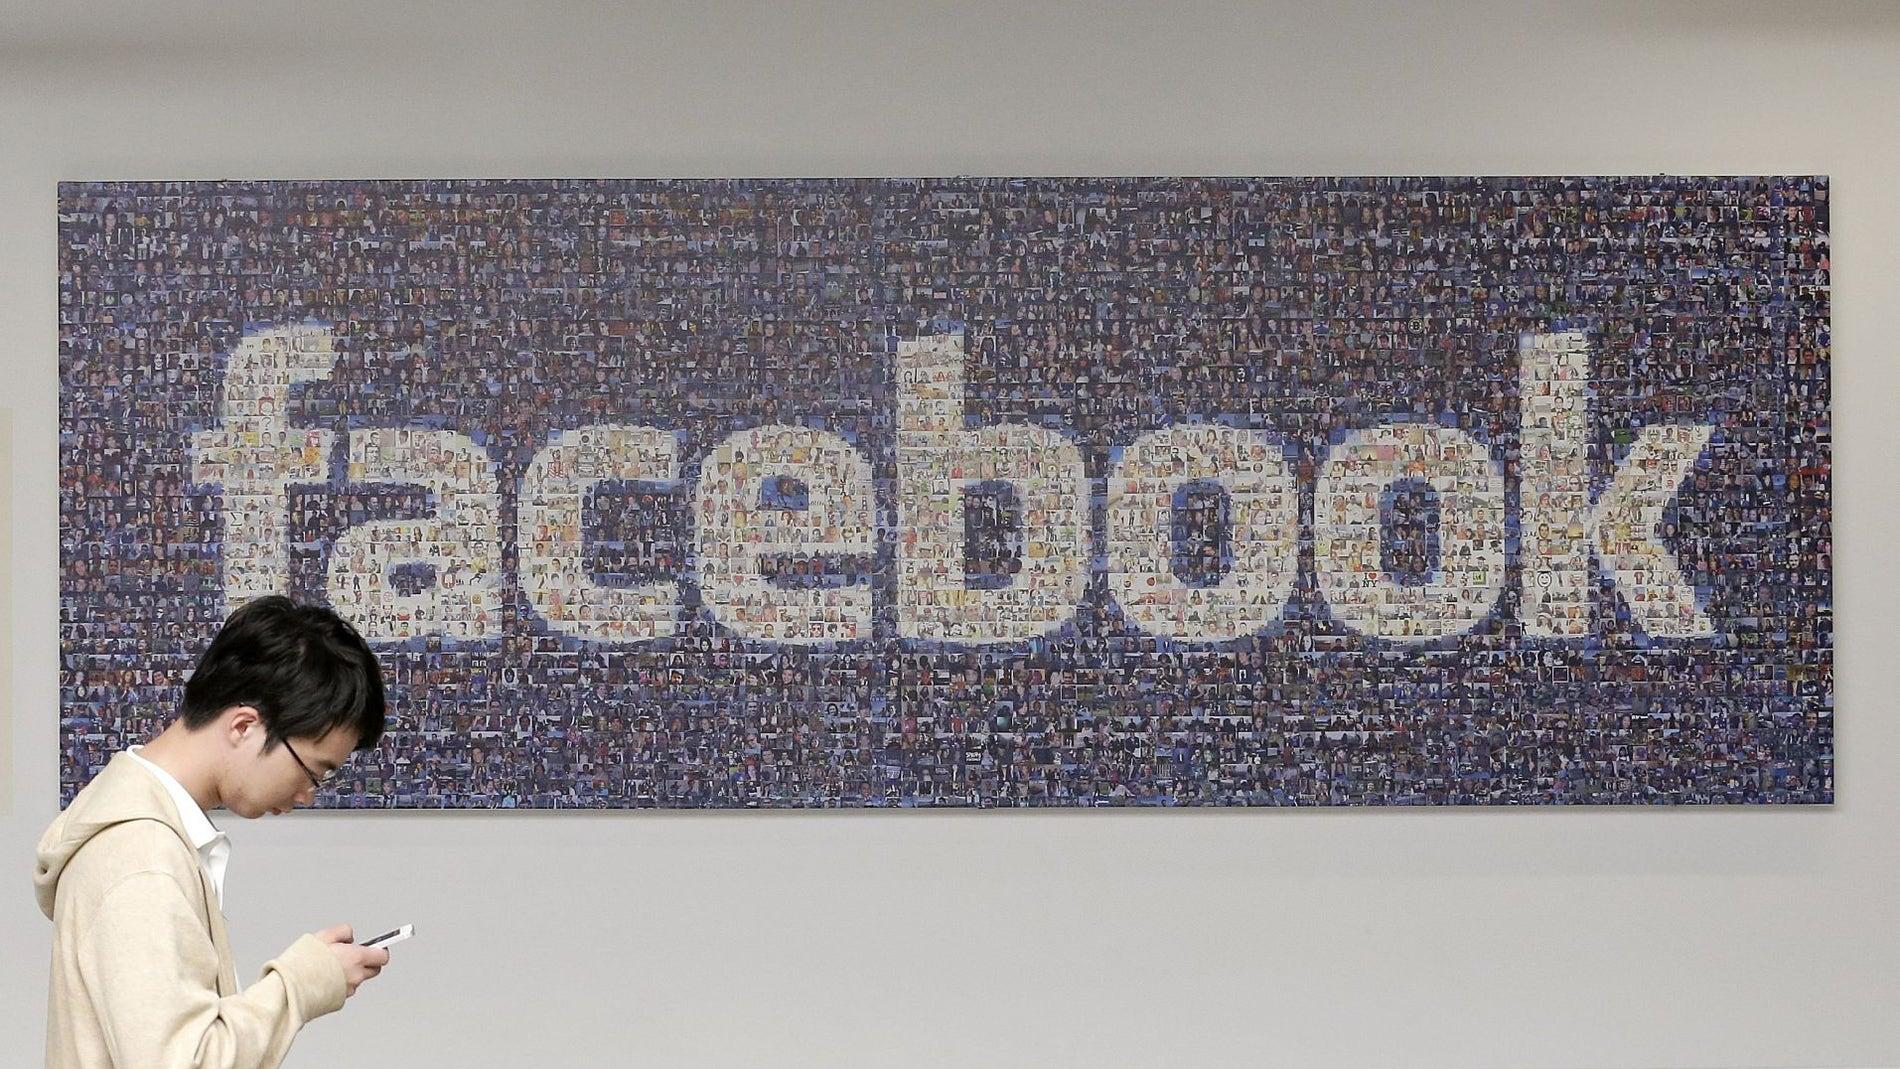 Mosaico de Facebook